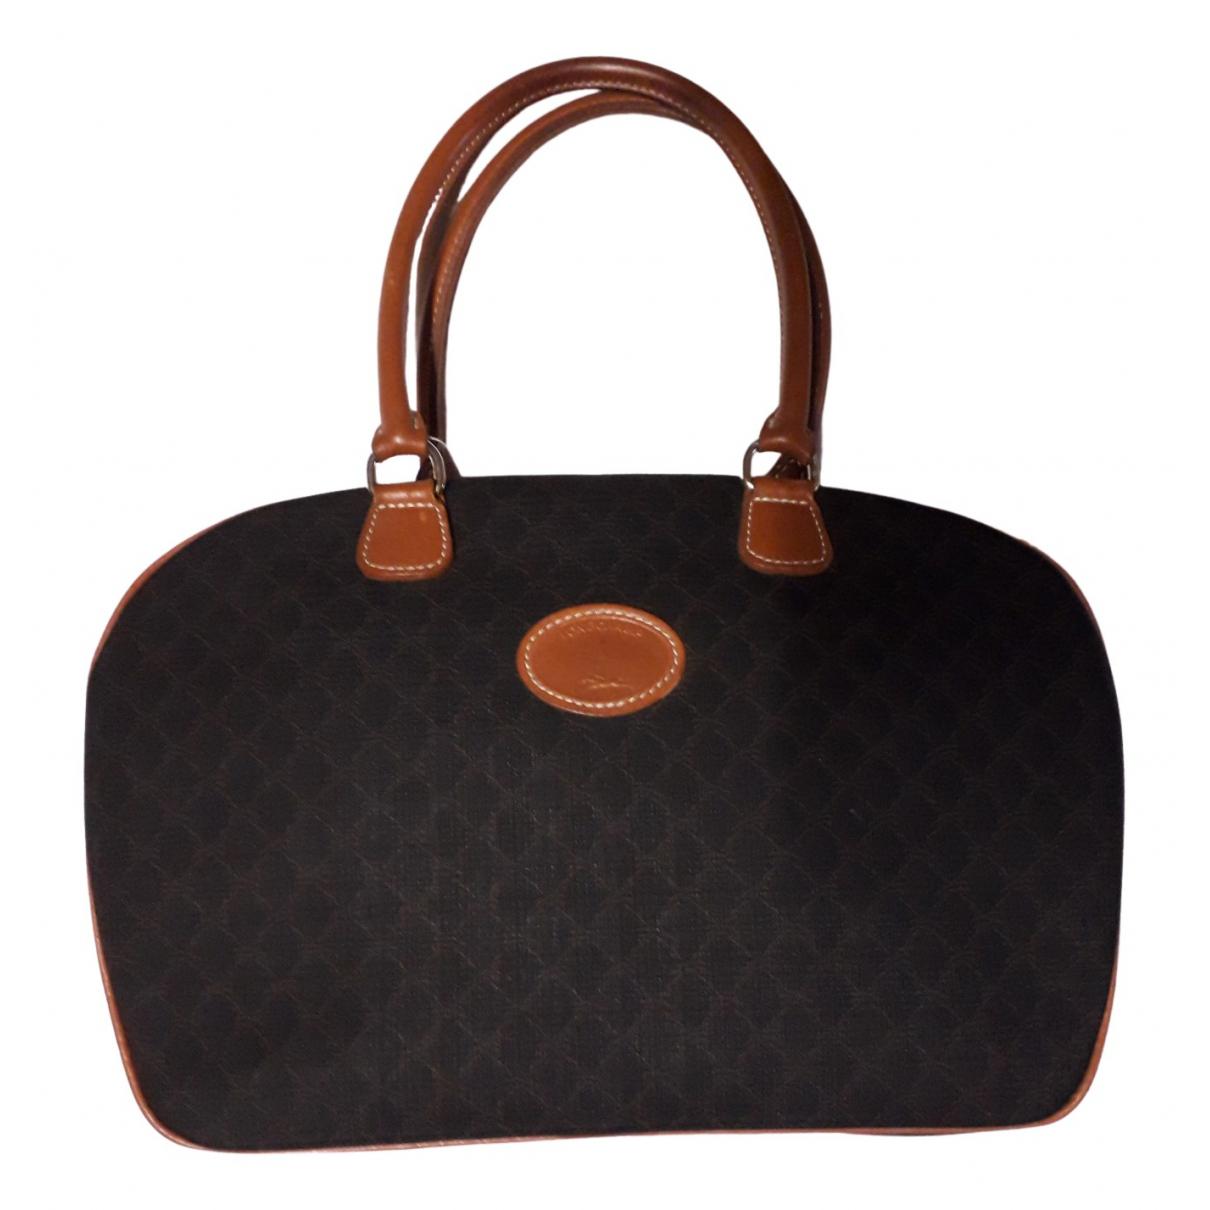 Longchamp N Black handbag for Women N